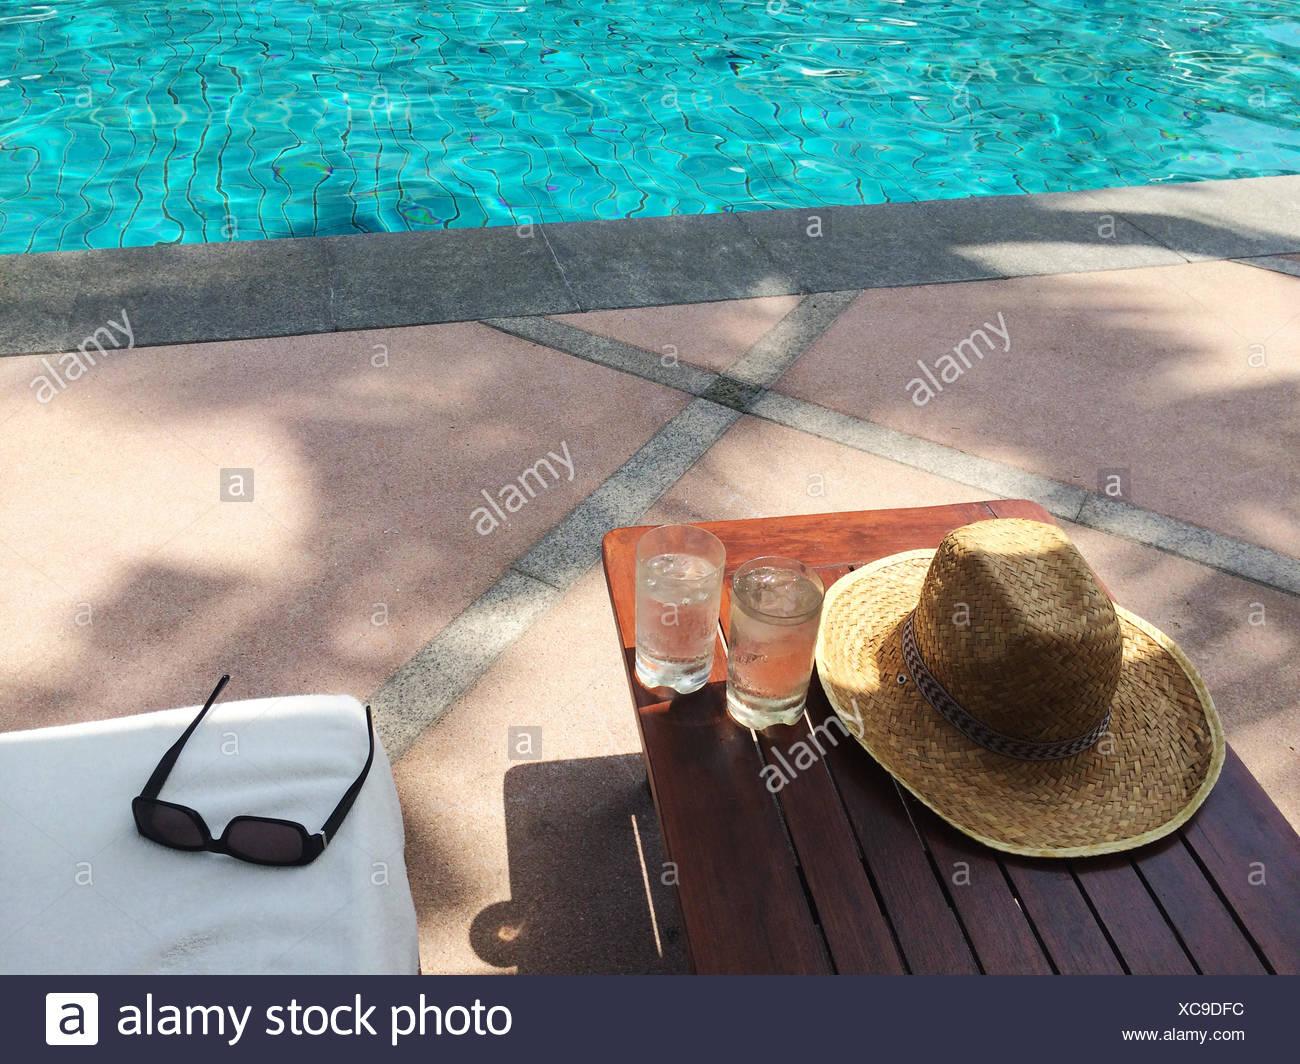 Chapeau, lunettes de soleil de paille et deux verres d'eau par piscine Photo Stock